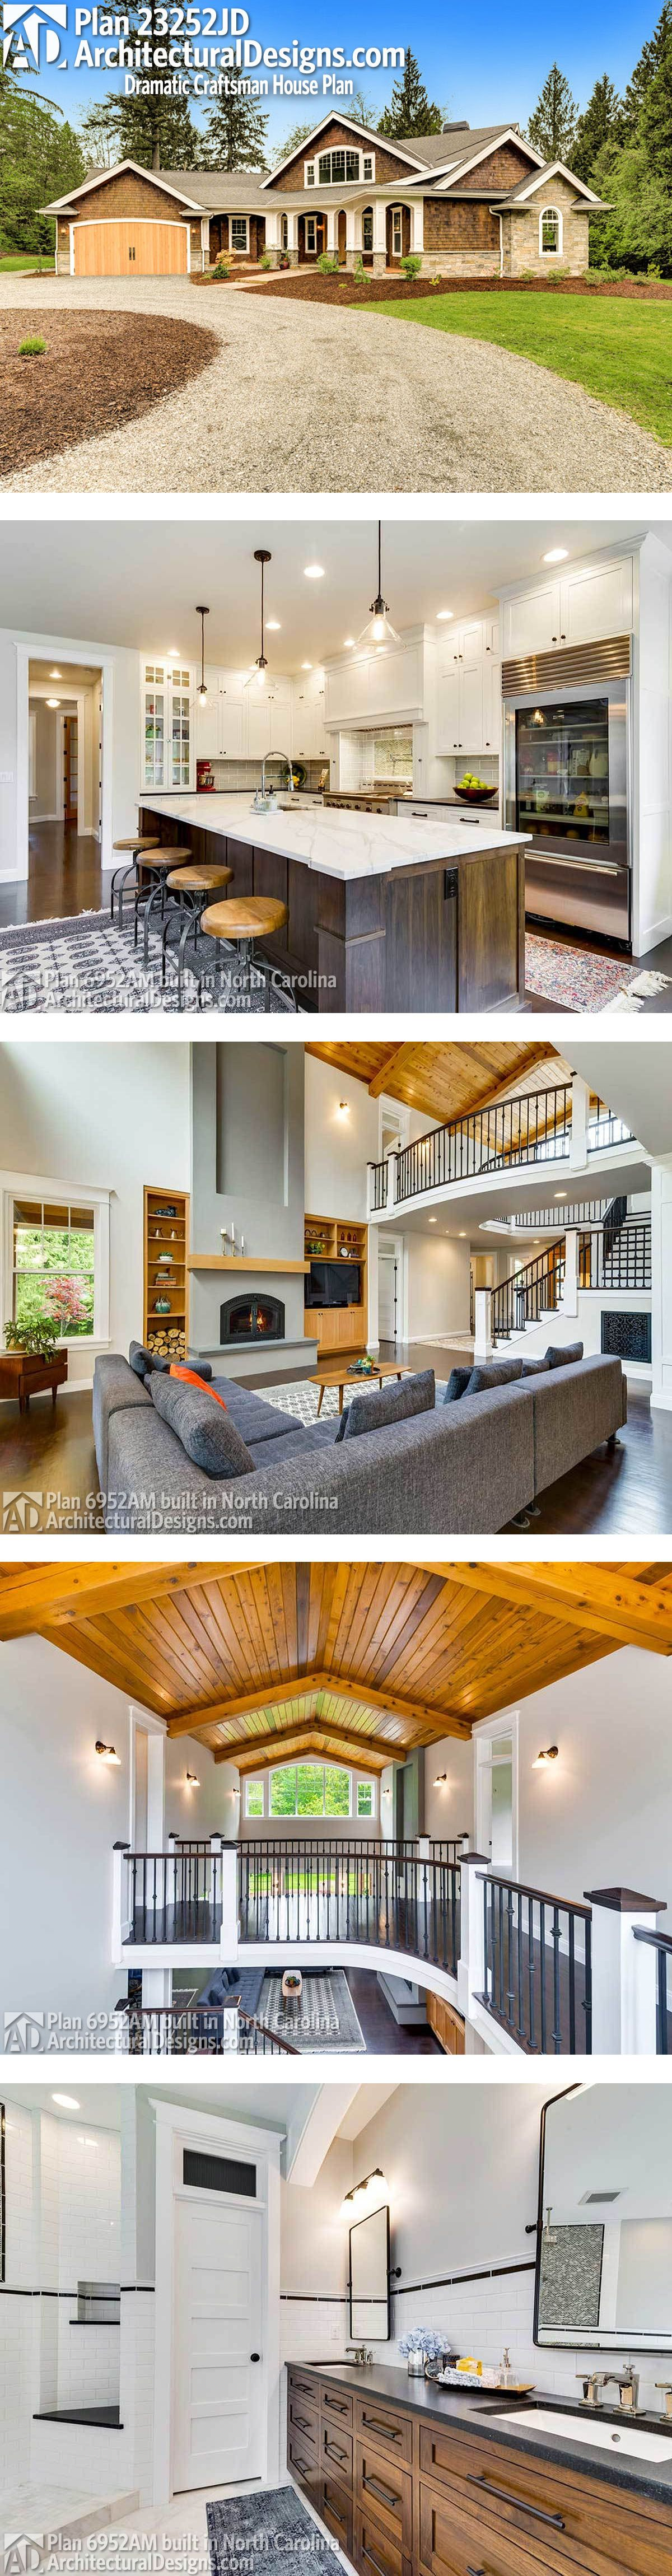 plan 23252jd dramatic craftsman house plan pinterest craftsman